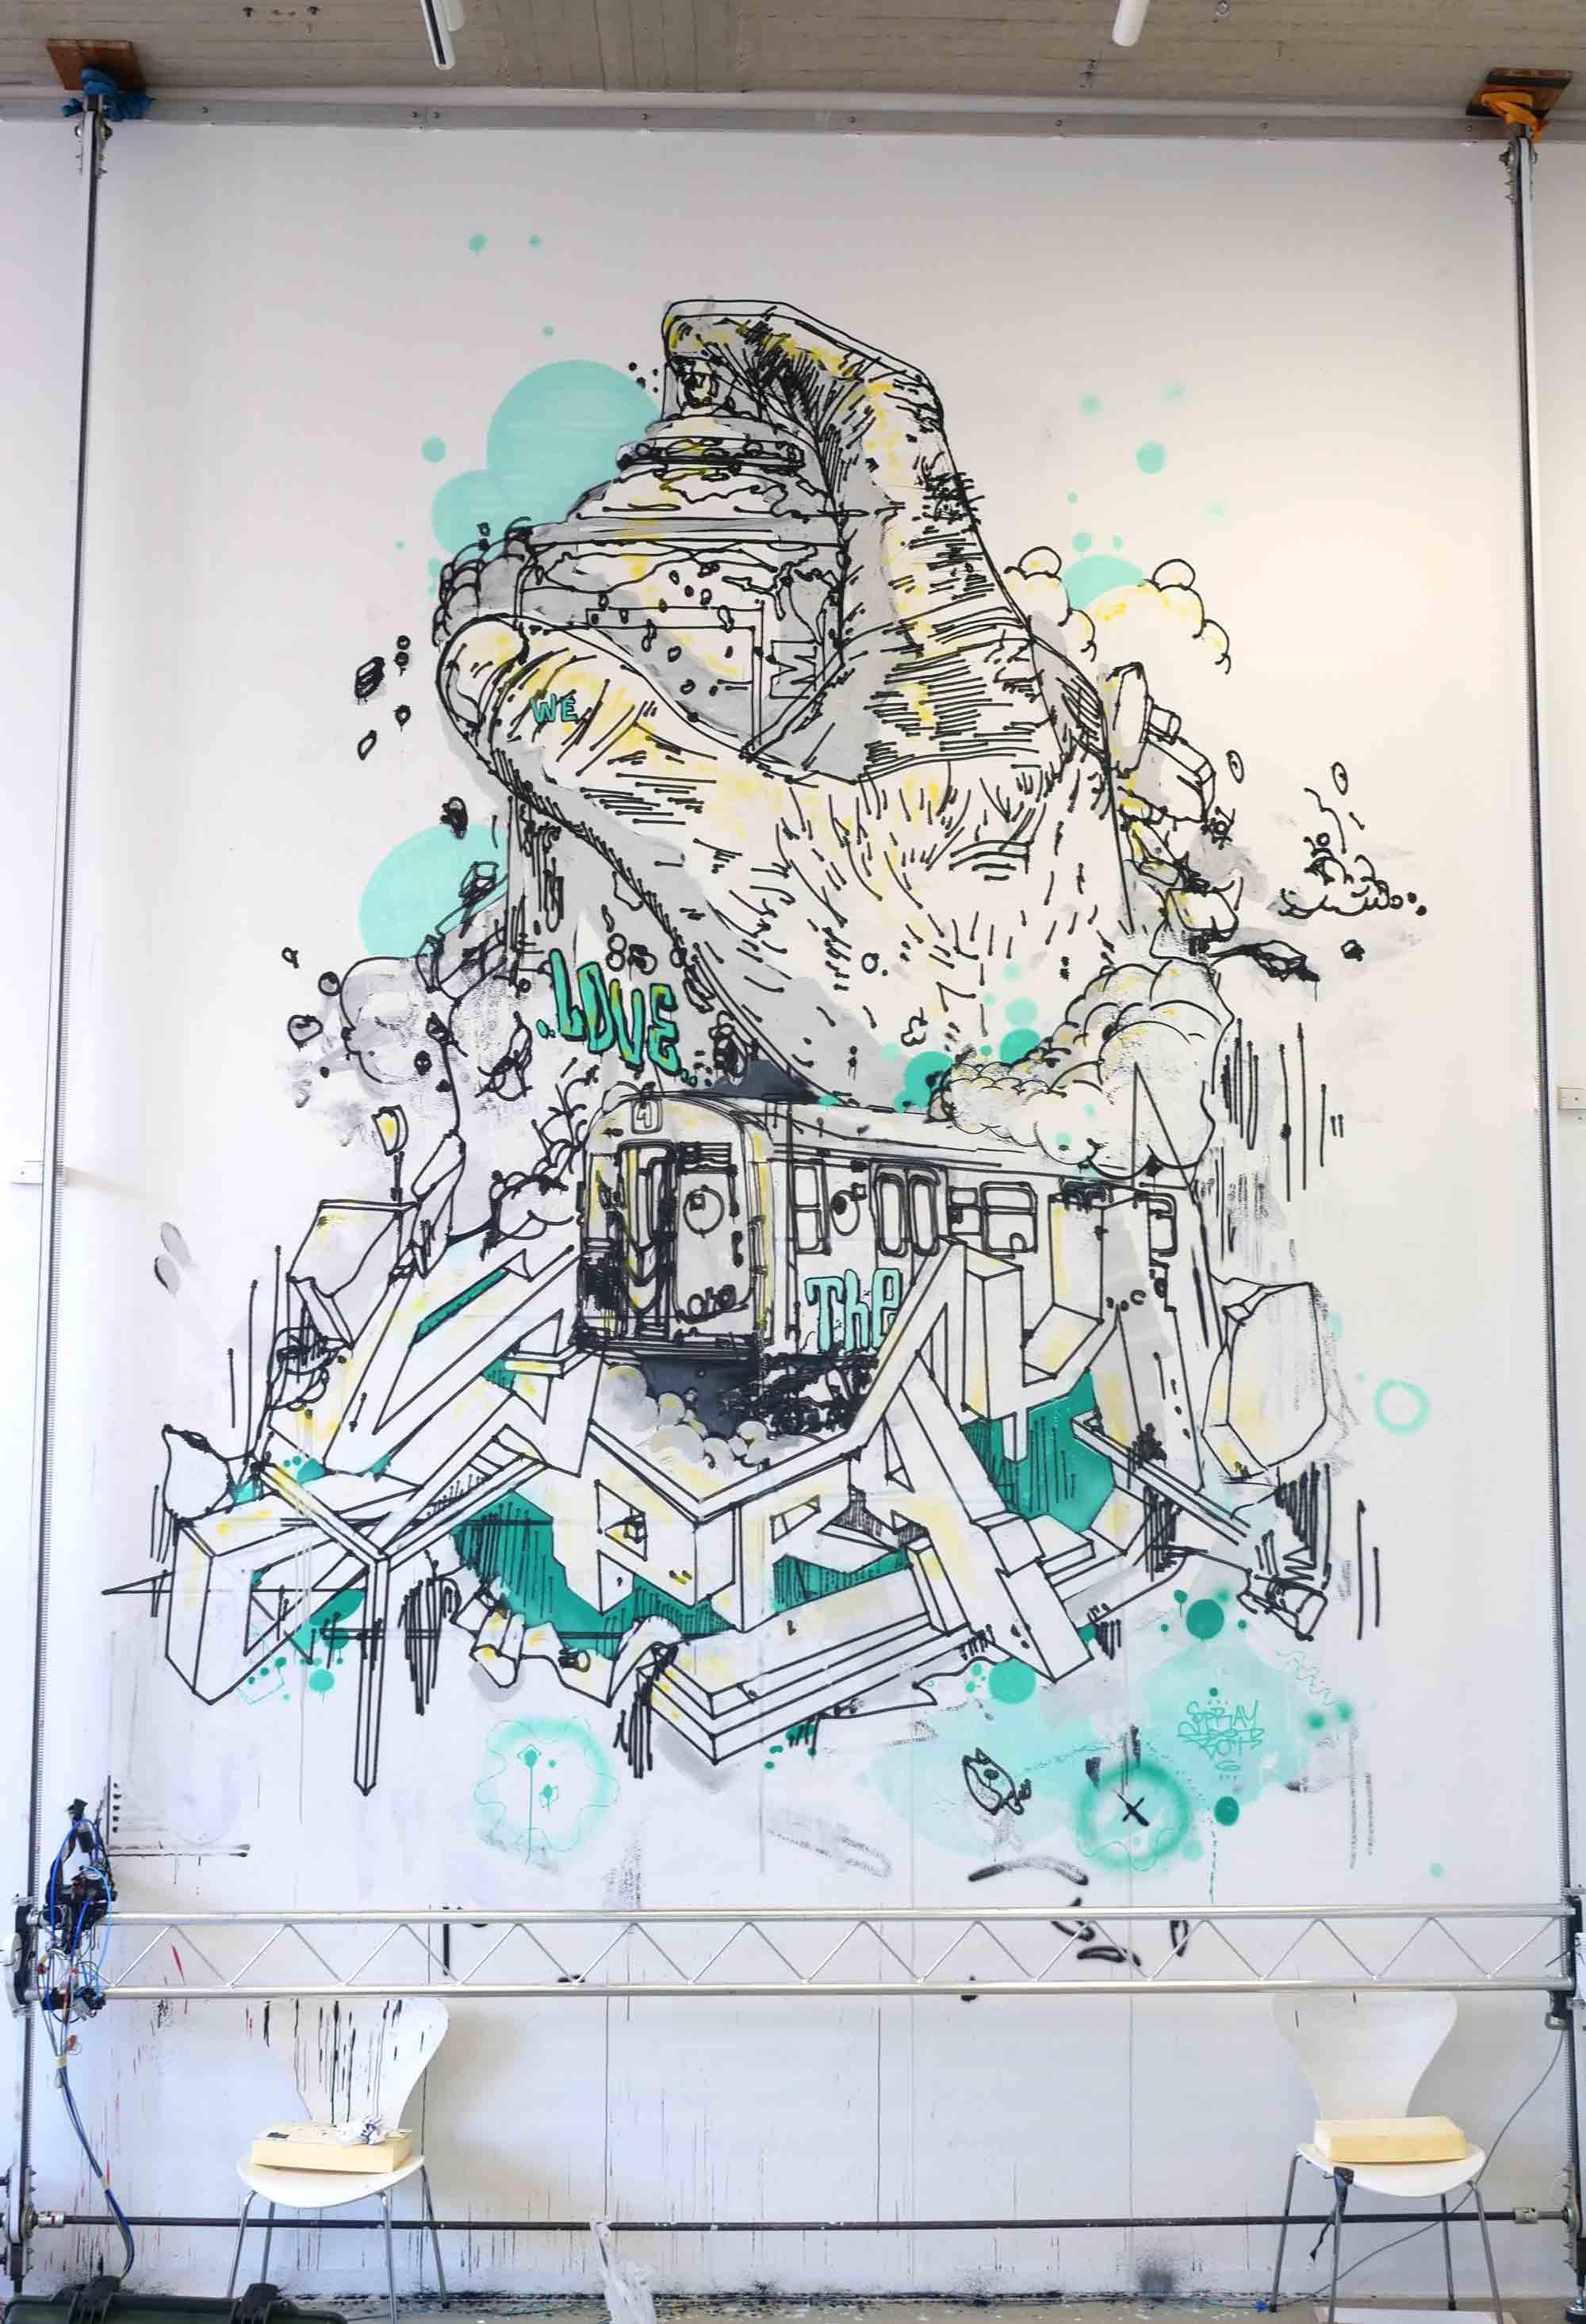 Sprühdose mit Schriftzug we love the spray im Sprengel museum Hanover